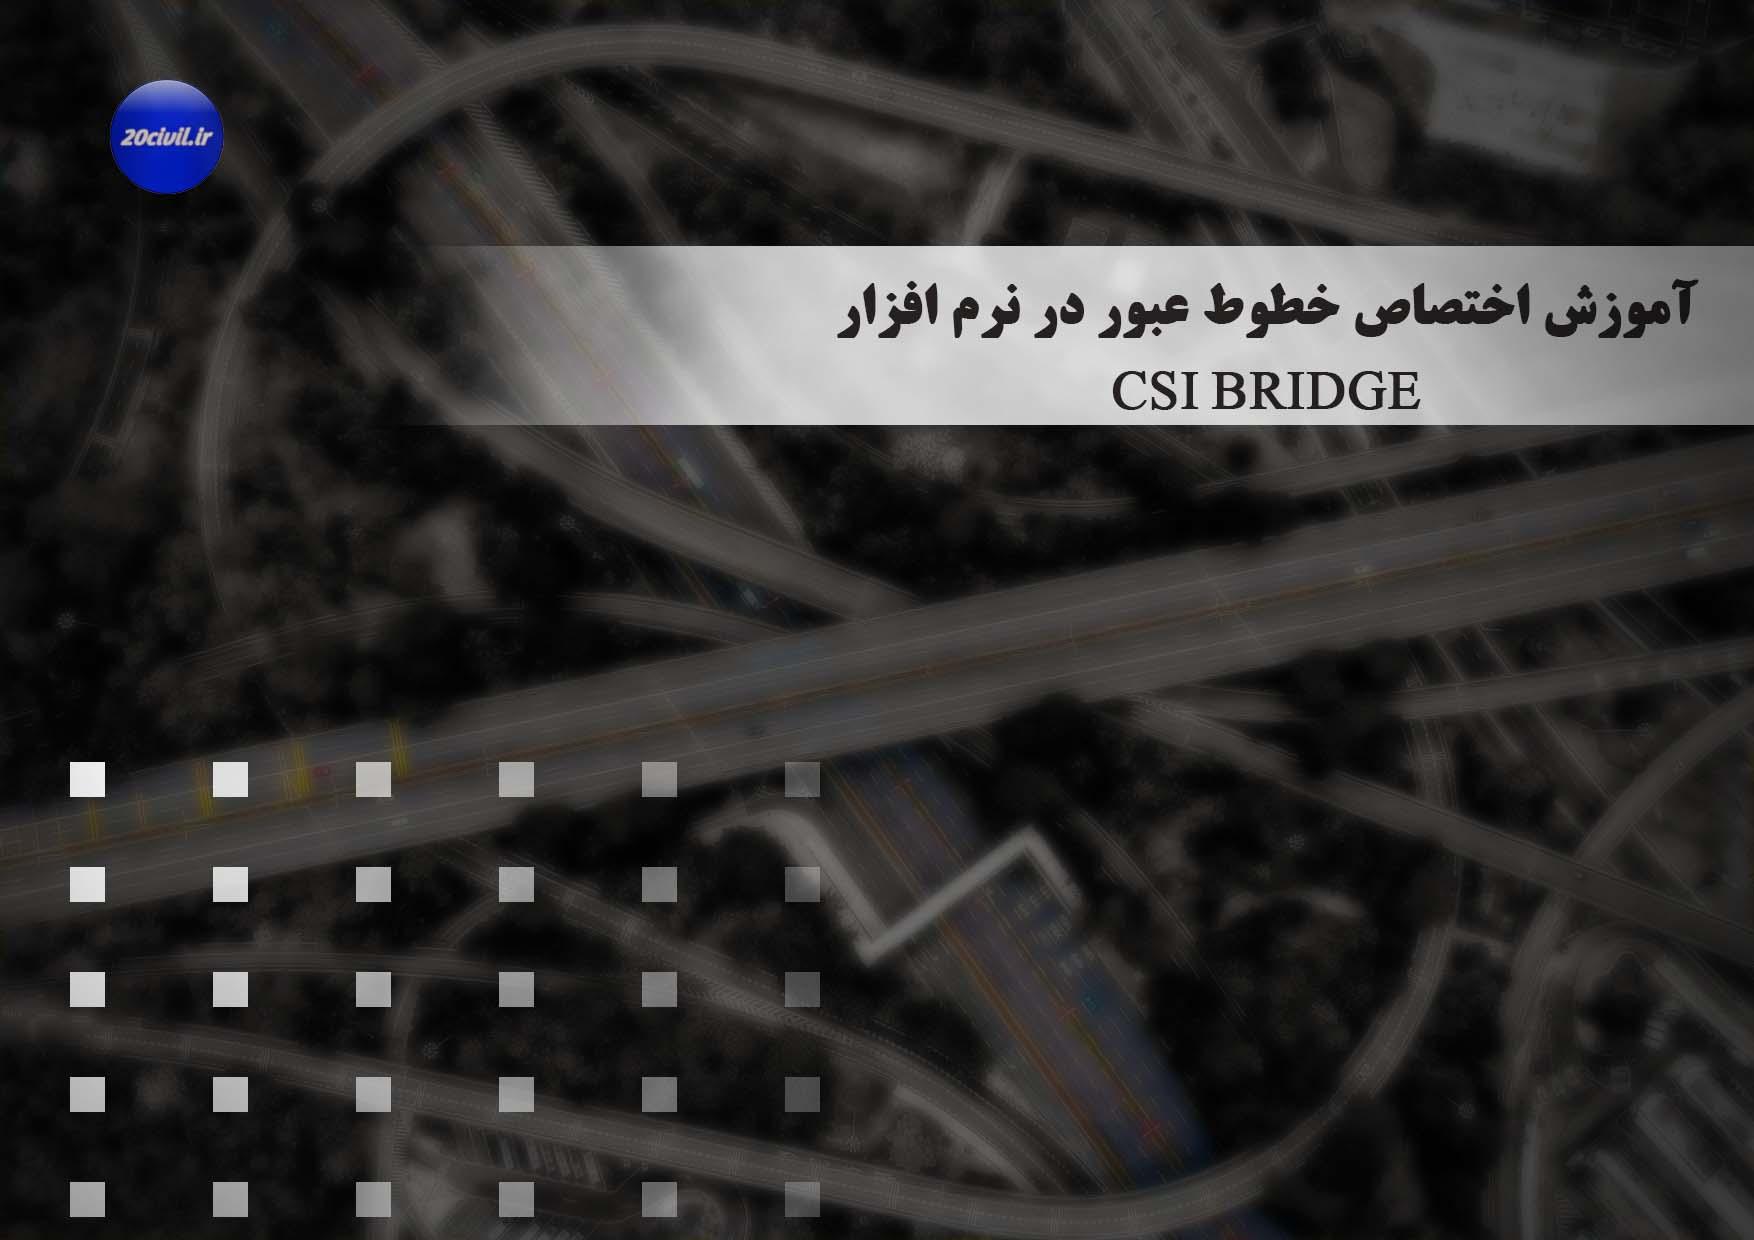 باگذاری-پلها-در-CSi-bridge-آموزش-طراحی-پل-20civil.ir_-1